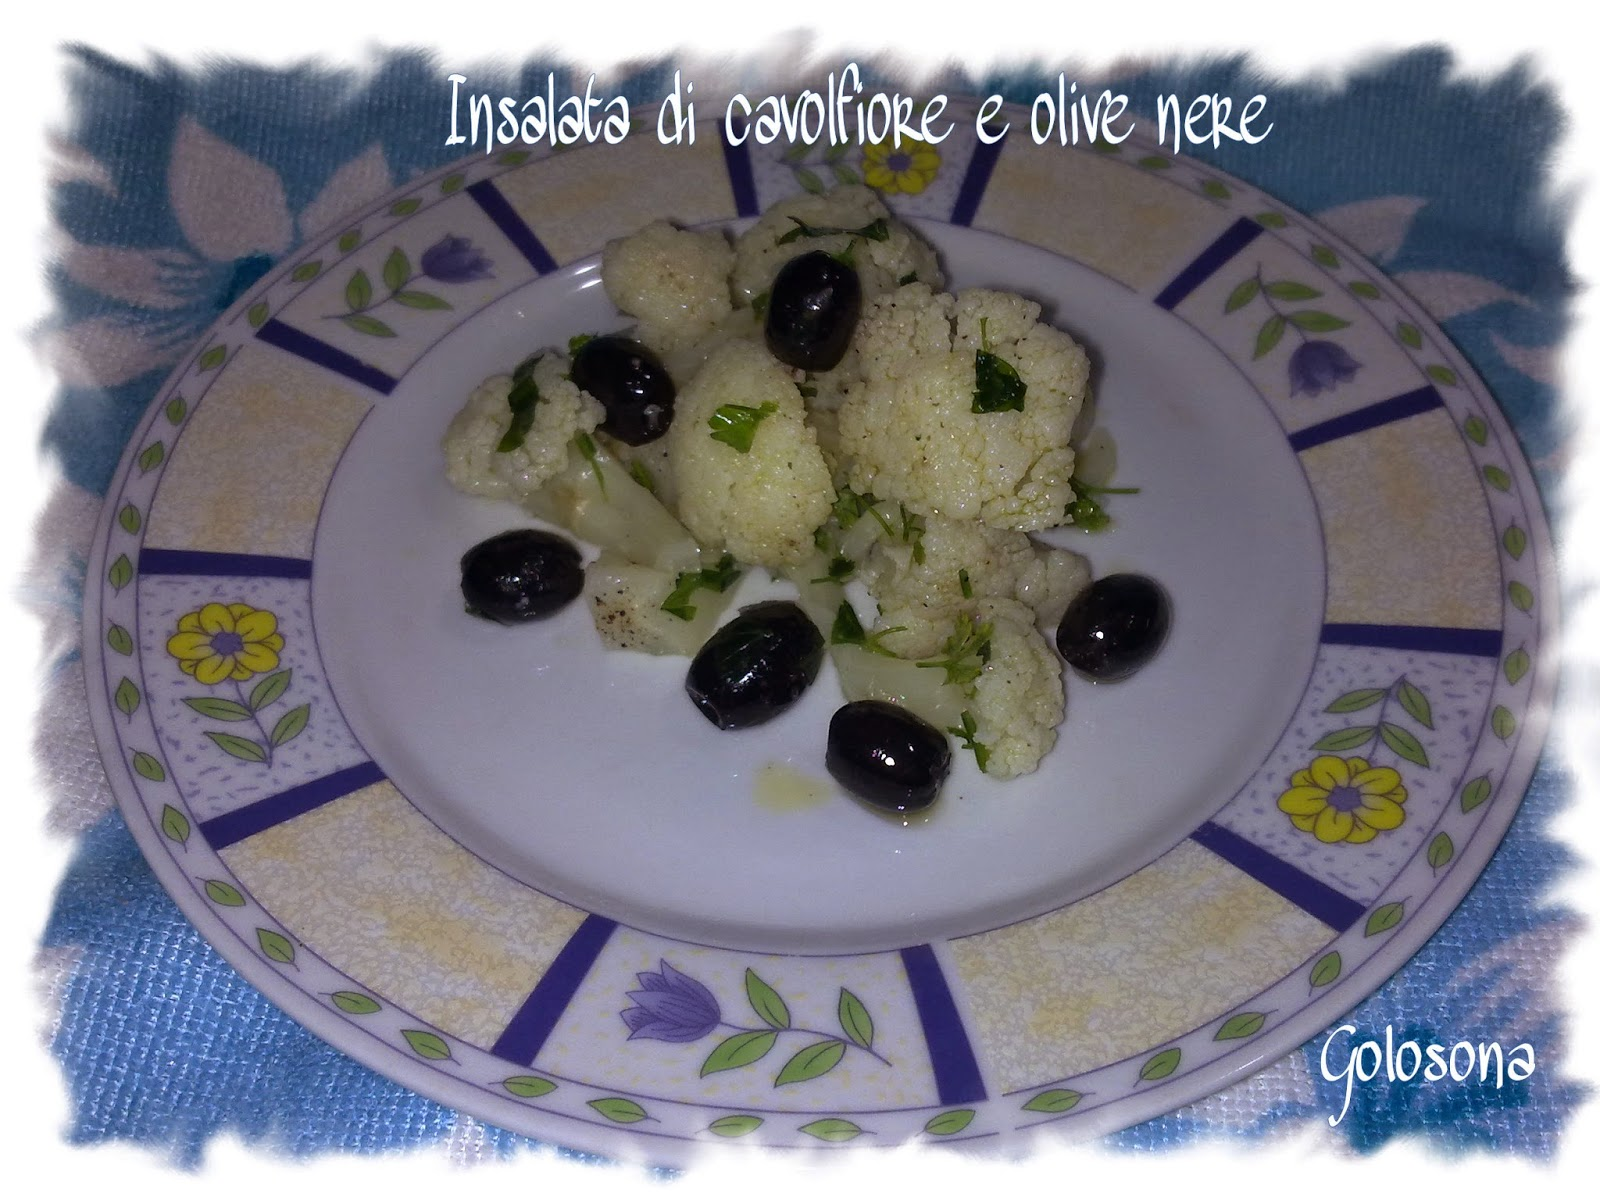 insalata di cavolfiore e olive nere